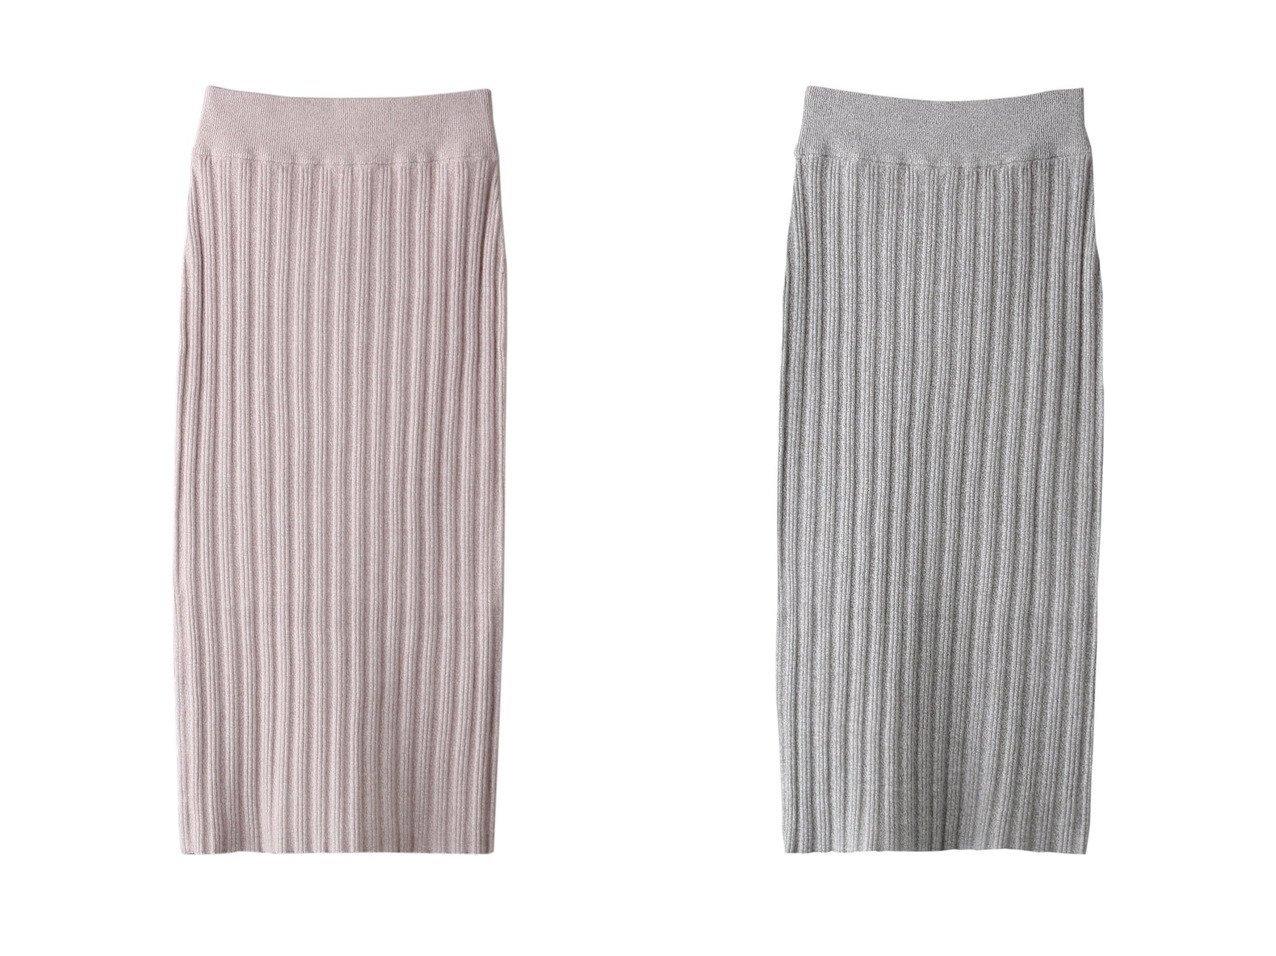 【MARILYN MOON/マリリンムーン】の【WALANCE】コットンリブスカート スカートのおすすめ!人気、トレンド・レディースファッションの通販 おすすめで人気の流行・トレンド、ファッションの通販商品 メンズファッション・キッズファッション・インテリア・家具・レディースファッション・服の通販 founy(ファニー) https://founy.com/ ファッション Fashion レディースファッション WOMEN スカート Skirt ロングスカート Long Skirt 2021年 2021 2021 春夏 S/S SS Spring/Summer 2021 S/S 春夏 SS Spring/Summer バランス フィット ロング 春 Spring  ID:crp329100000024752